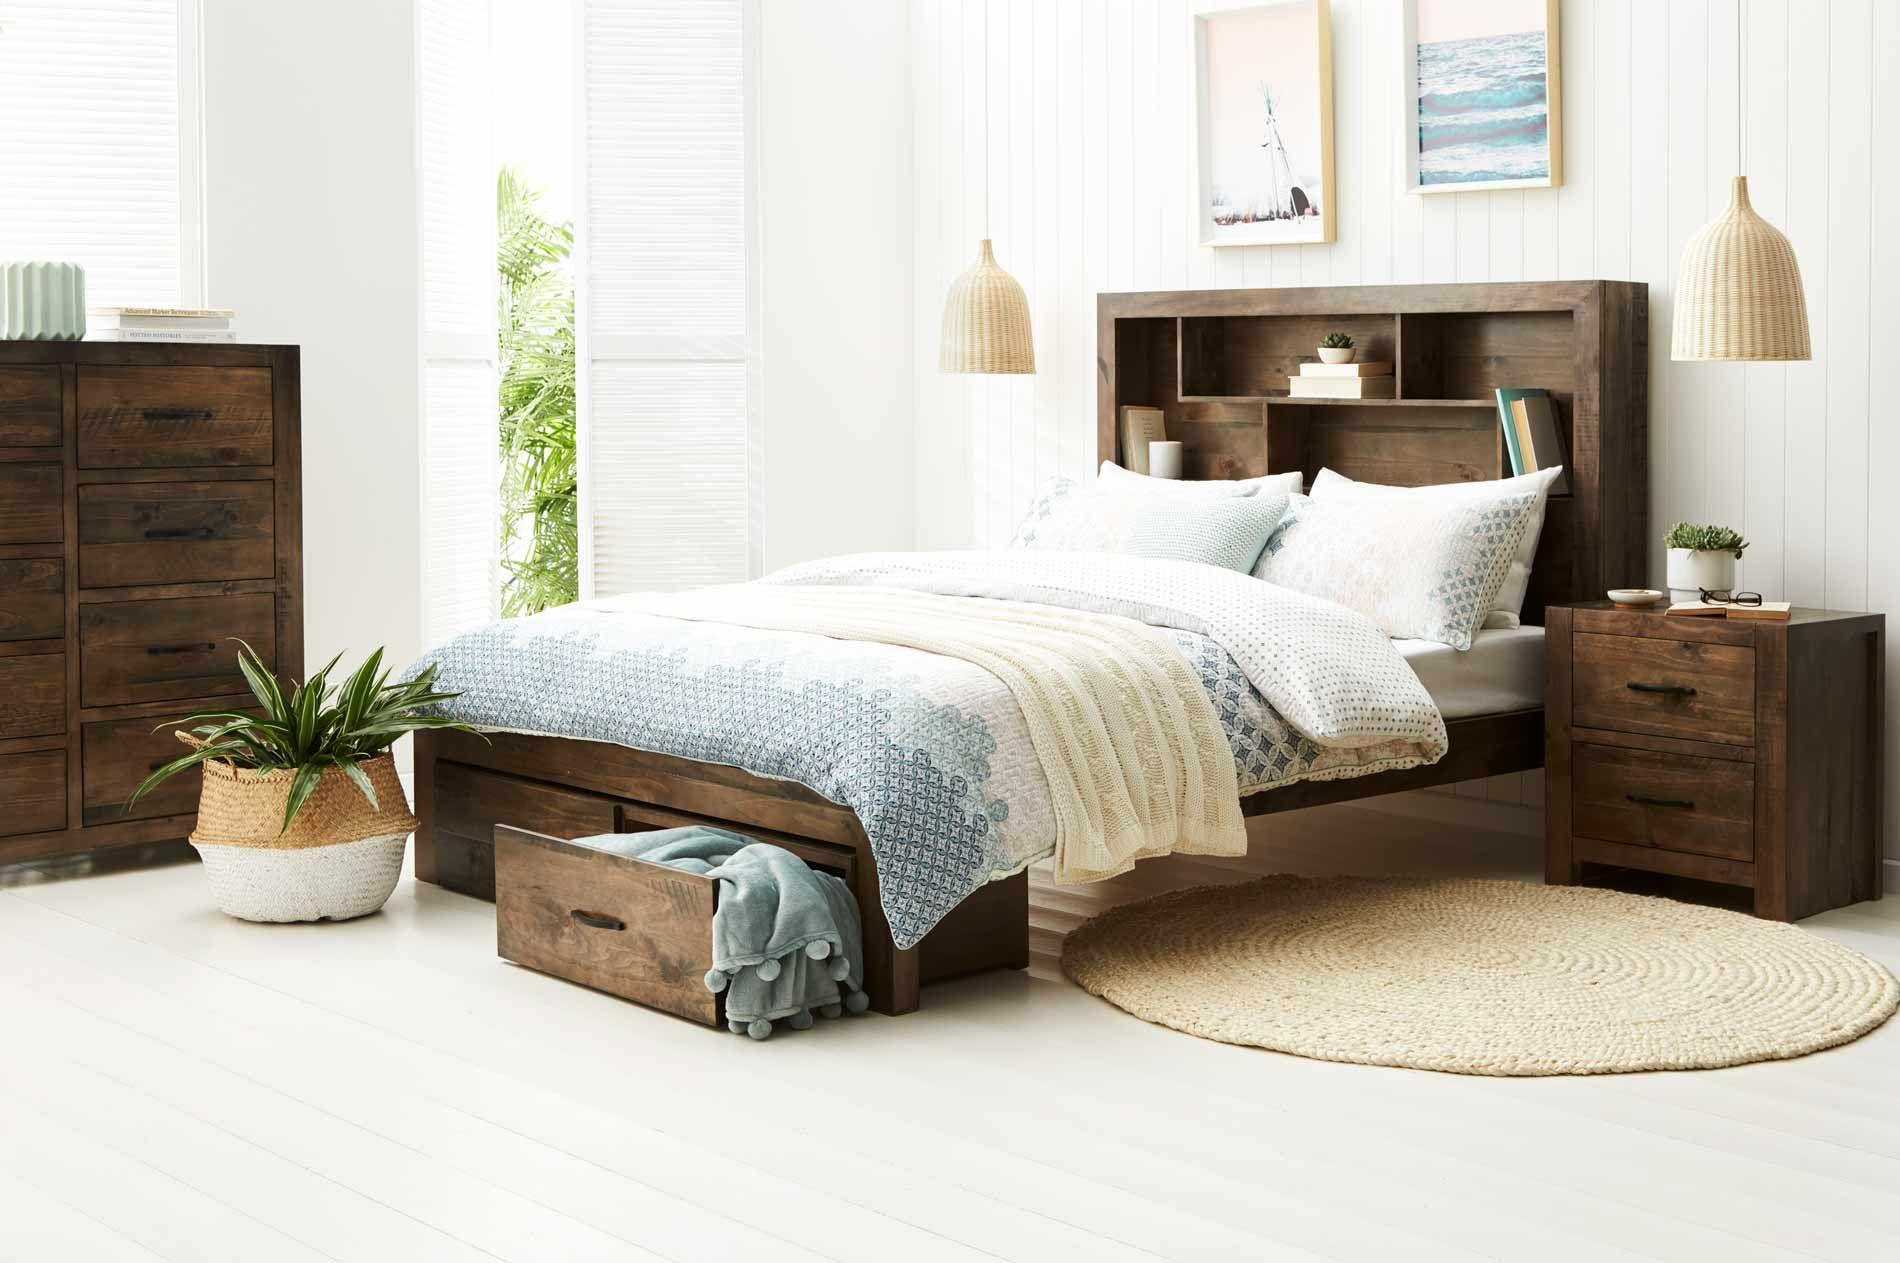 GRAMPIAN OR320 KB BED Bed frame, Bed, Bedroom furniture